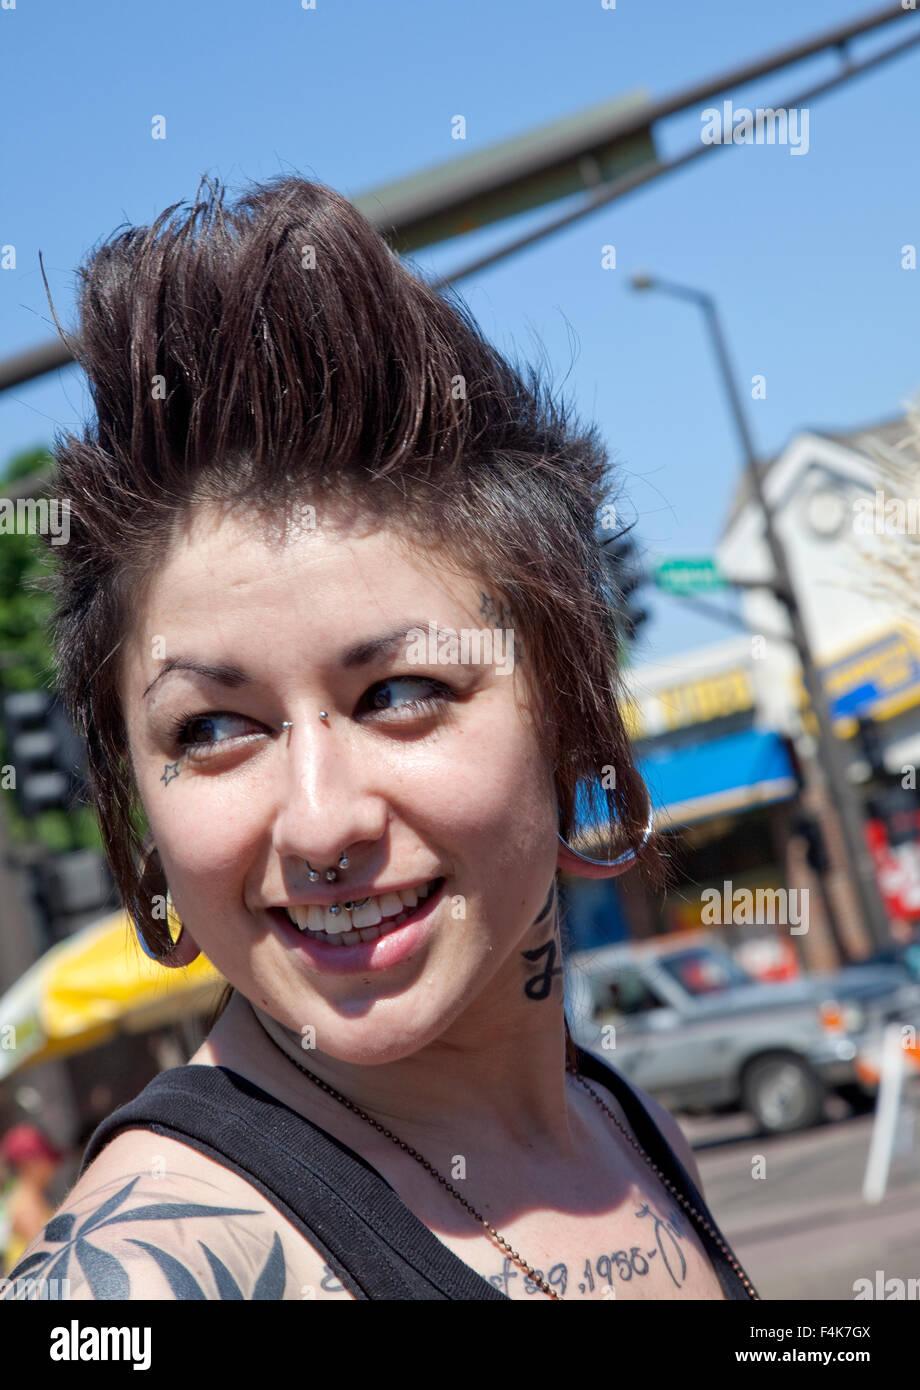 Glucklich Gepiercte Und Tatowierte Frau Tragt Eine Pompadour Frisur